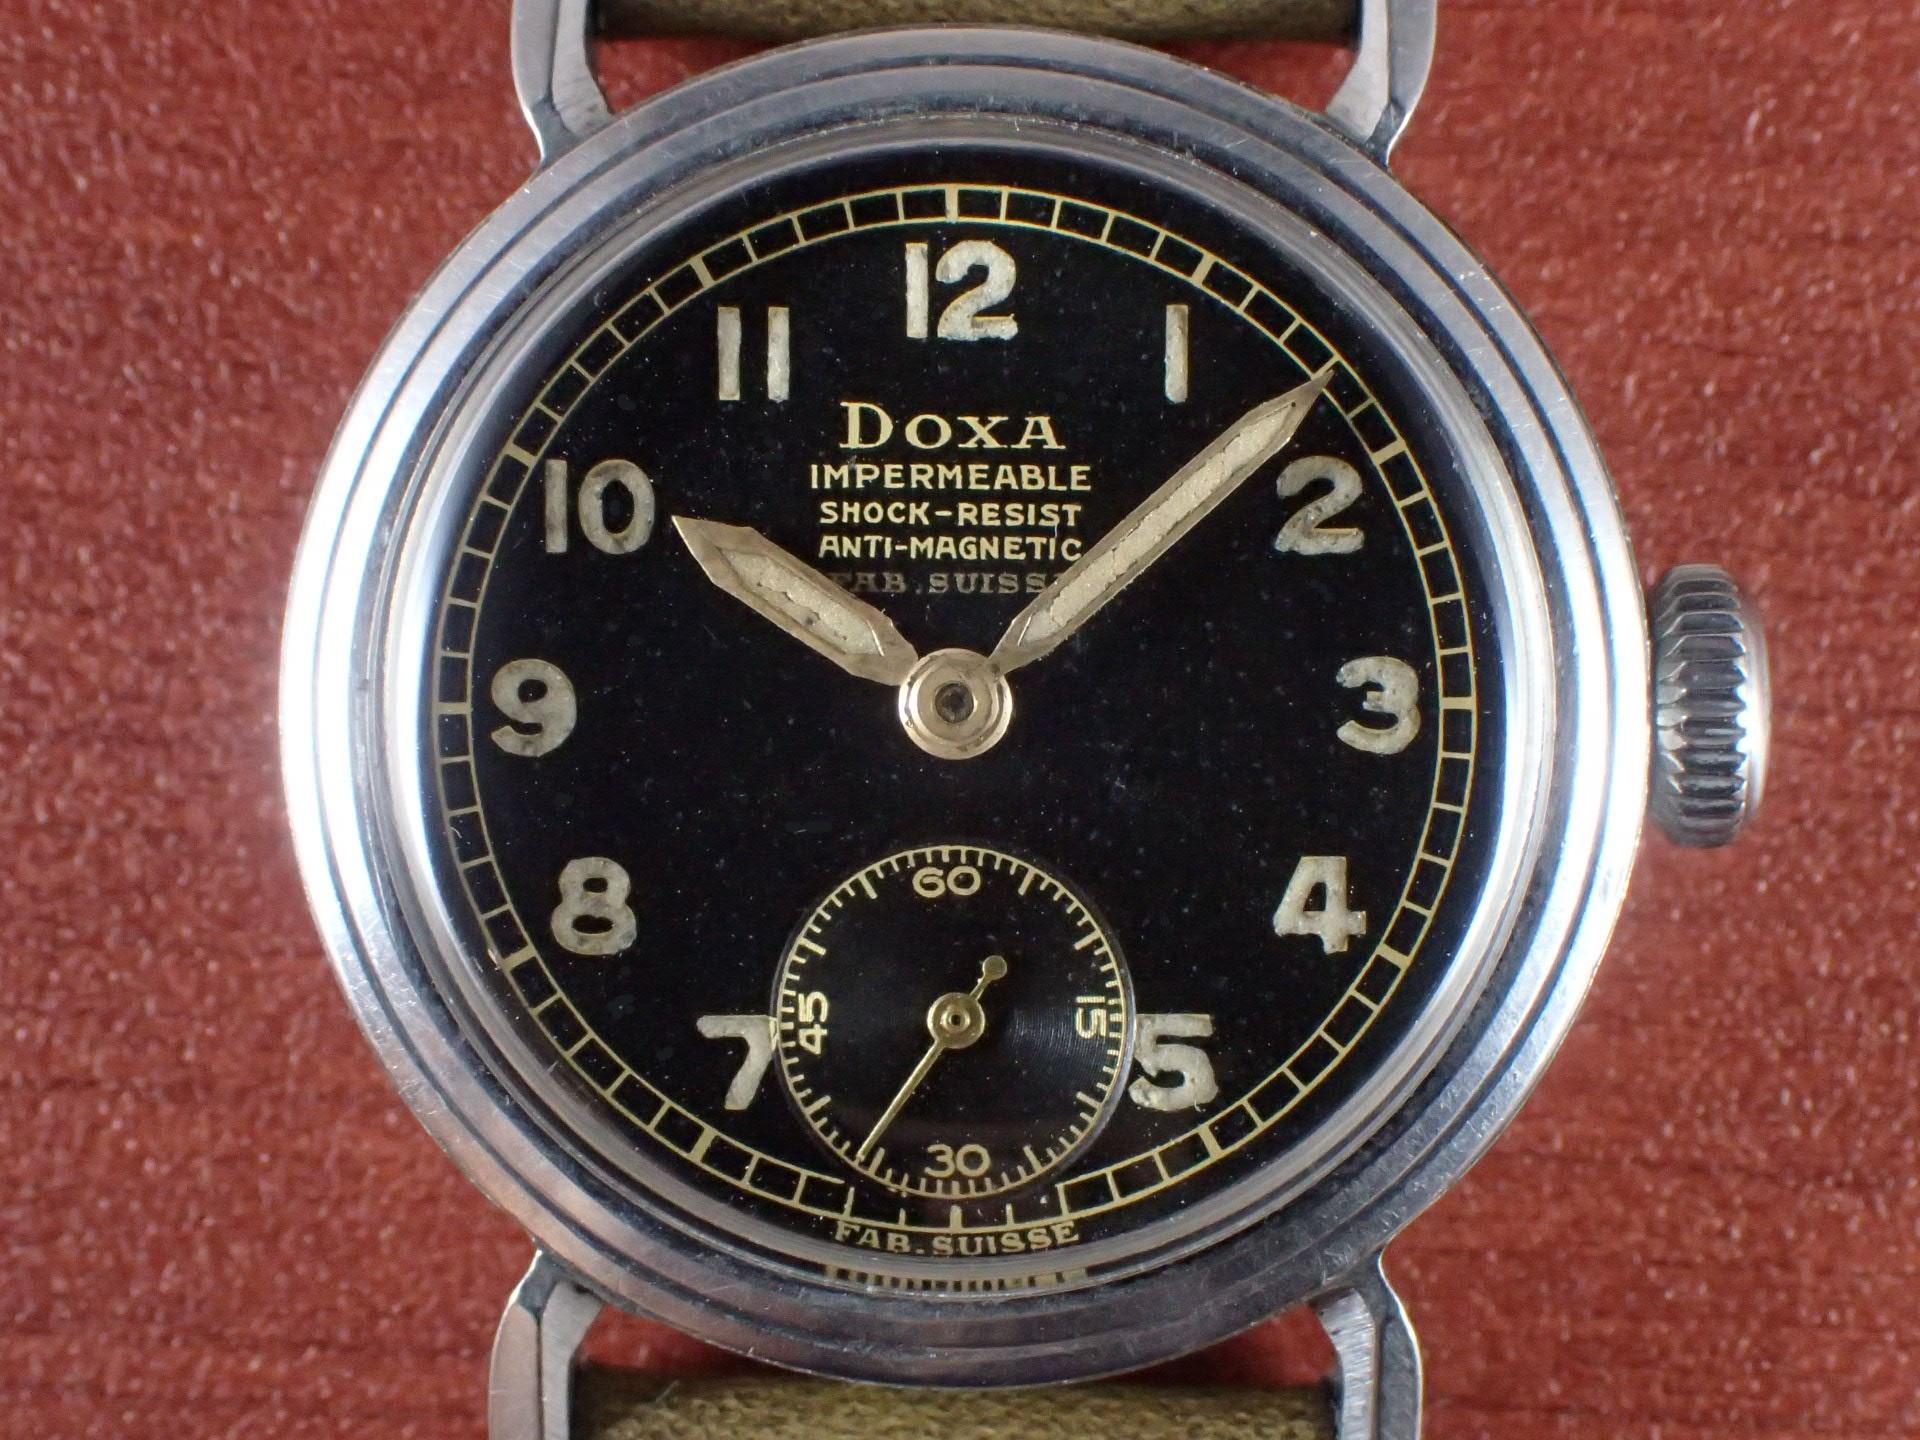 ドクサ ボーイズ ブラックミラーダイアル FBケース 1940年代の写真2枚目